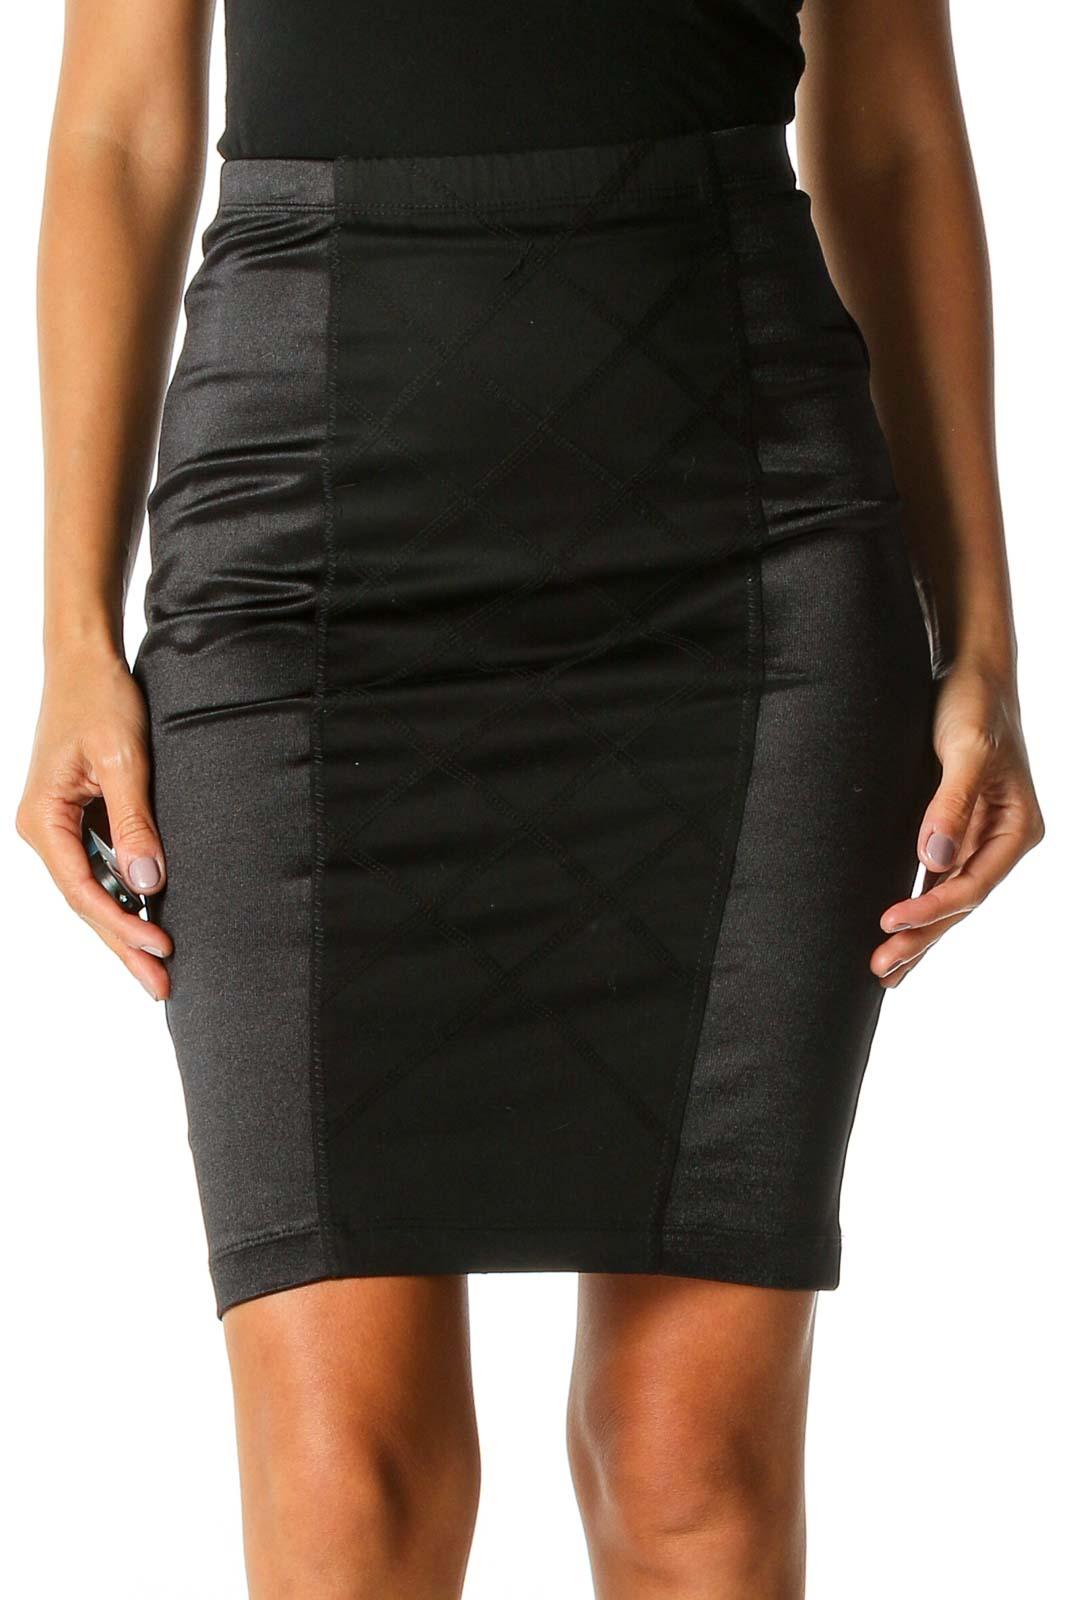 Black Solid Brunch Pencil Skirt Front